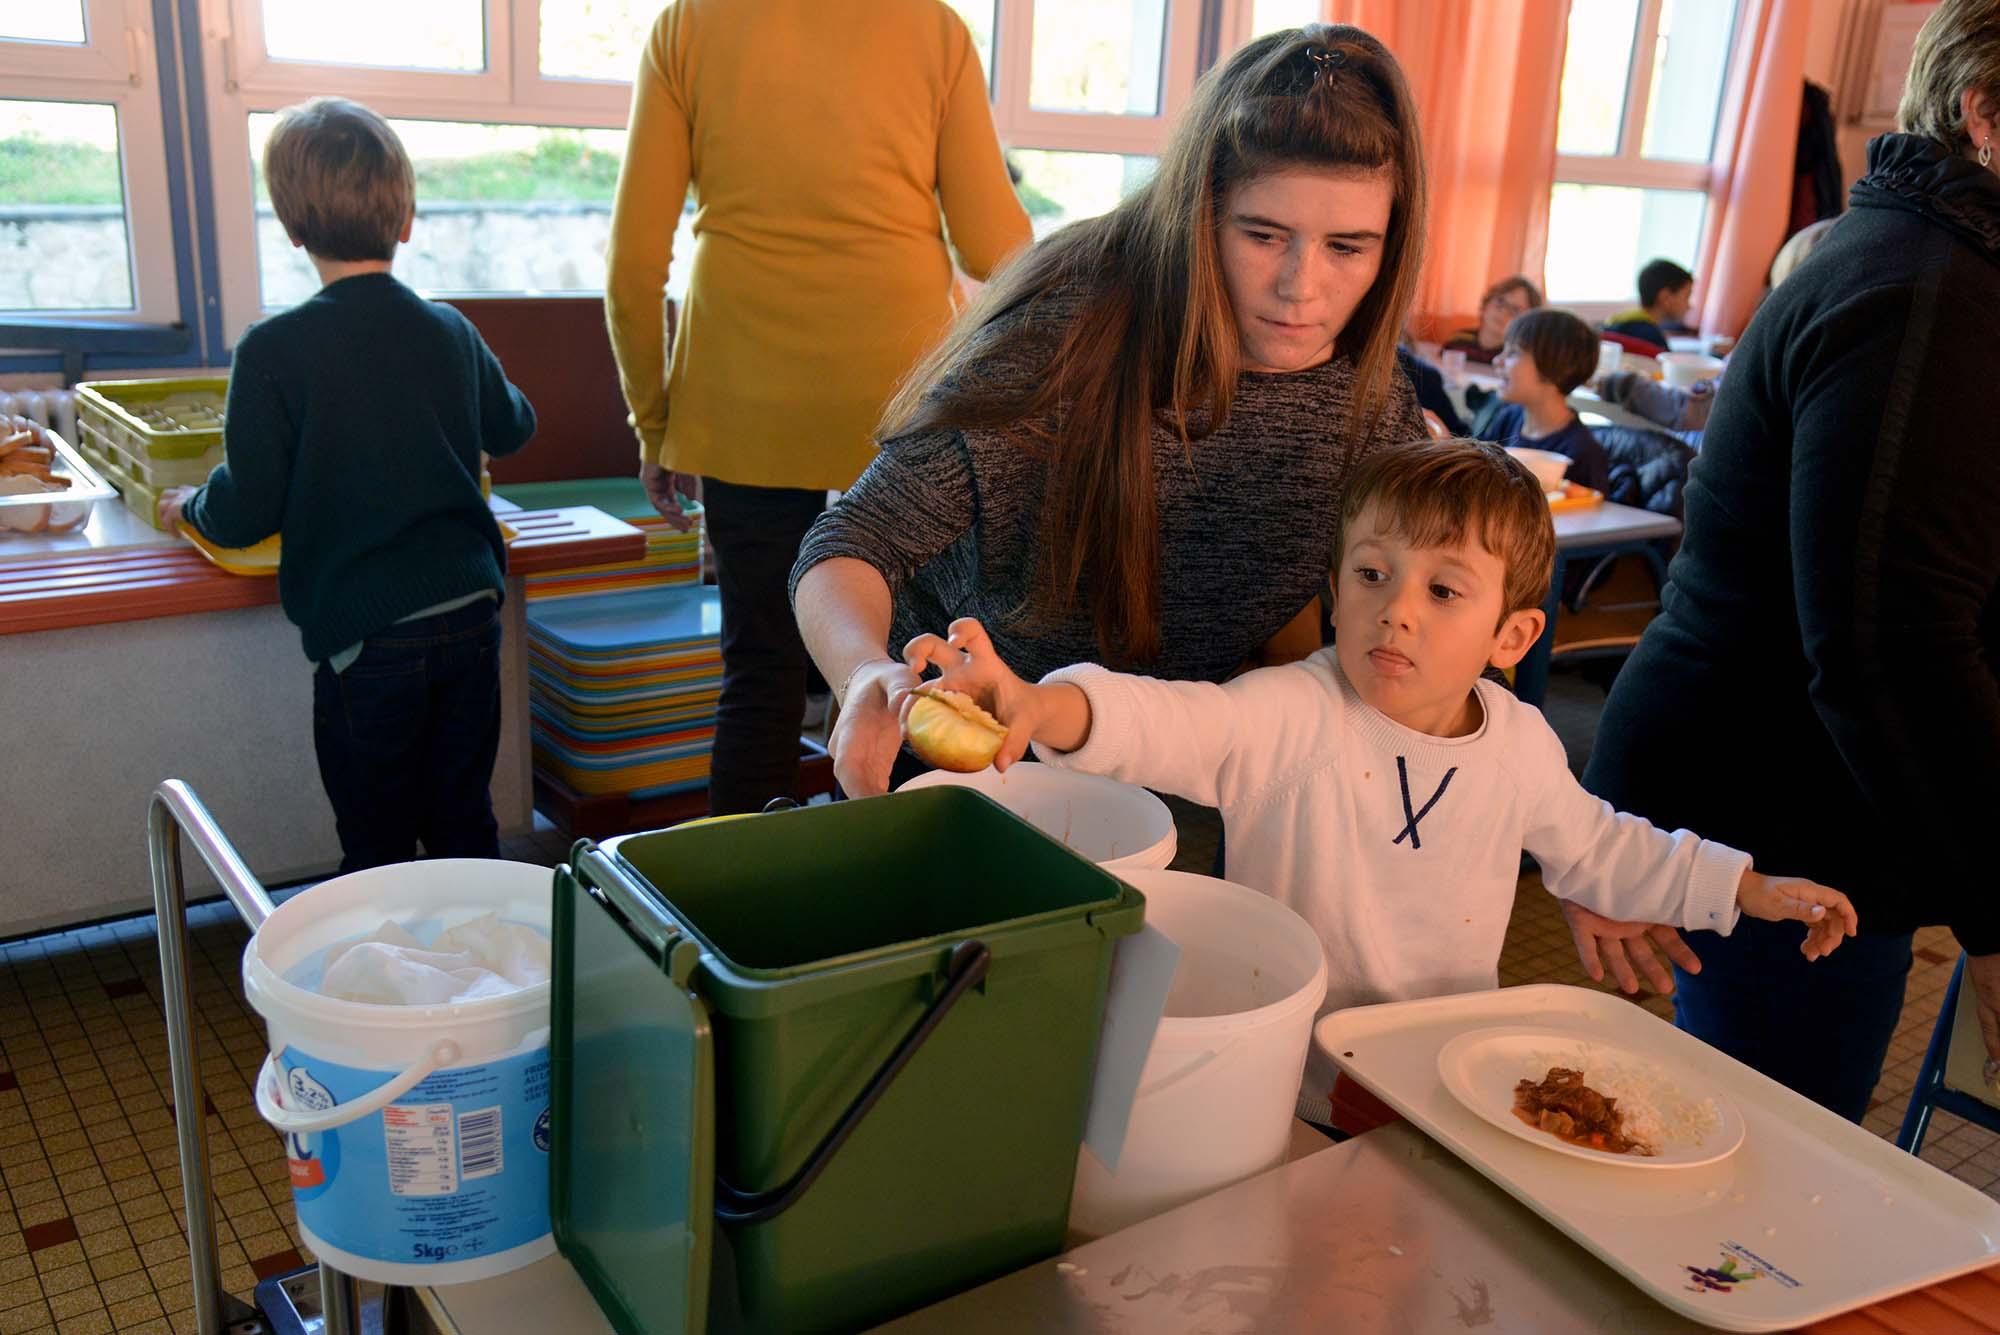 Avec Kelly, Enzo jette le reste de sa pomme dans le bac dédié au compost. (©Ville de Saint-Nazaire - Christian Robert)